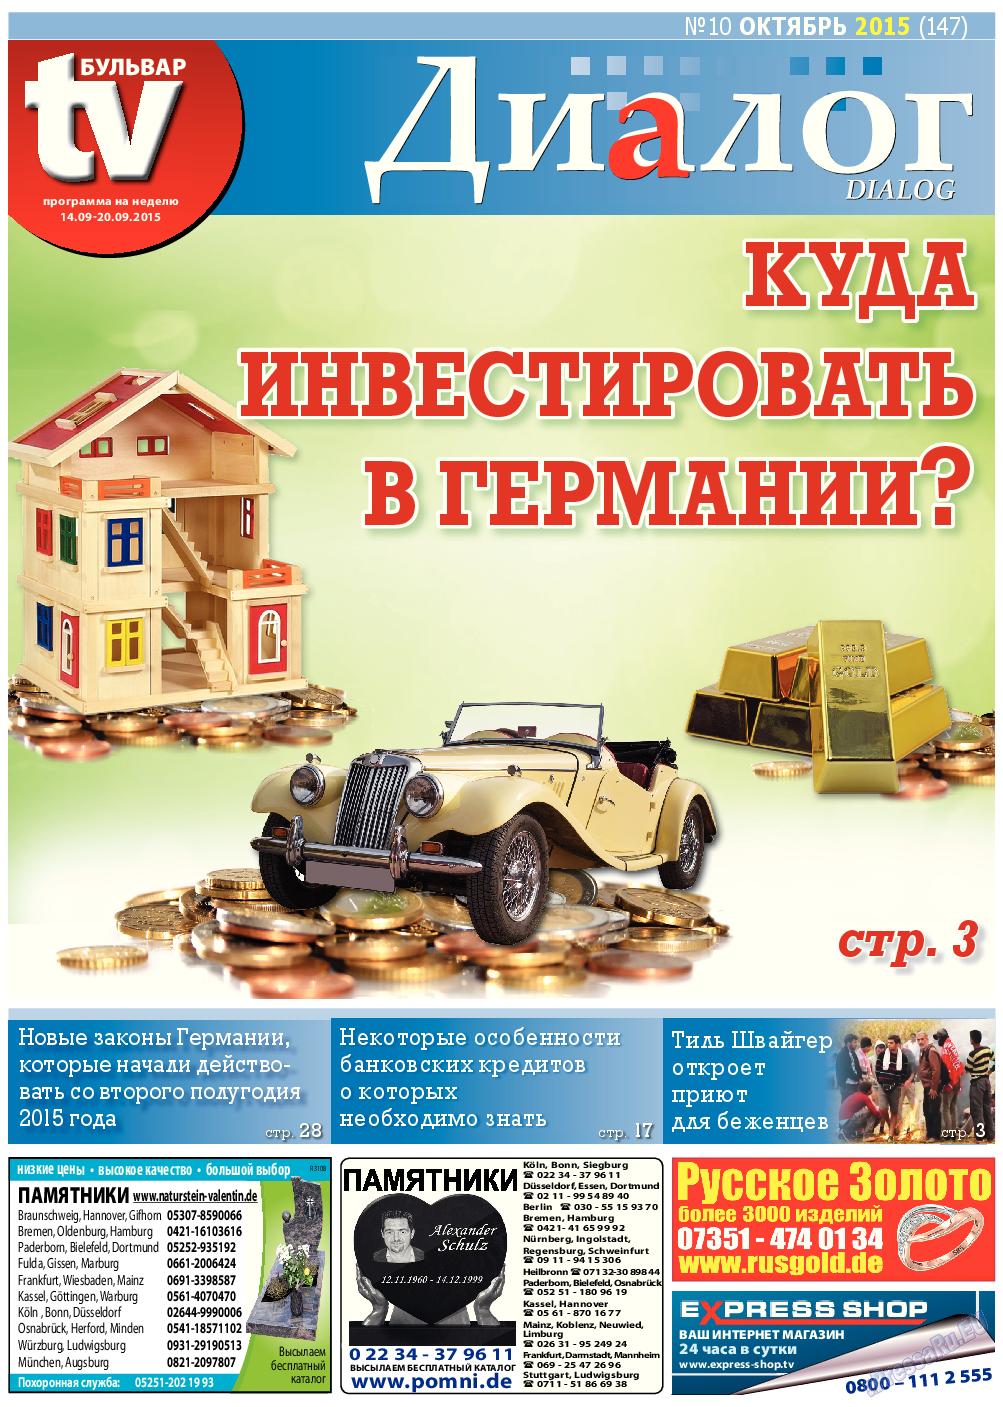 Диалог (газета). 2015 год, номер 10, стр. 1